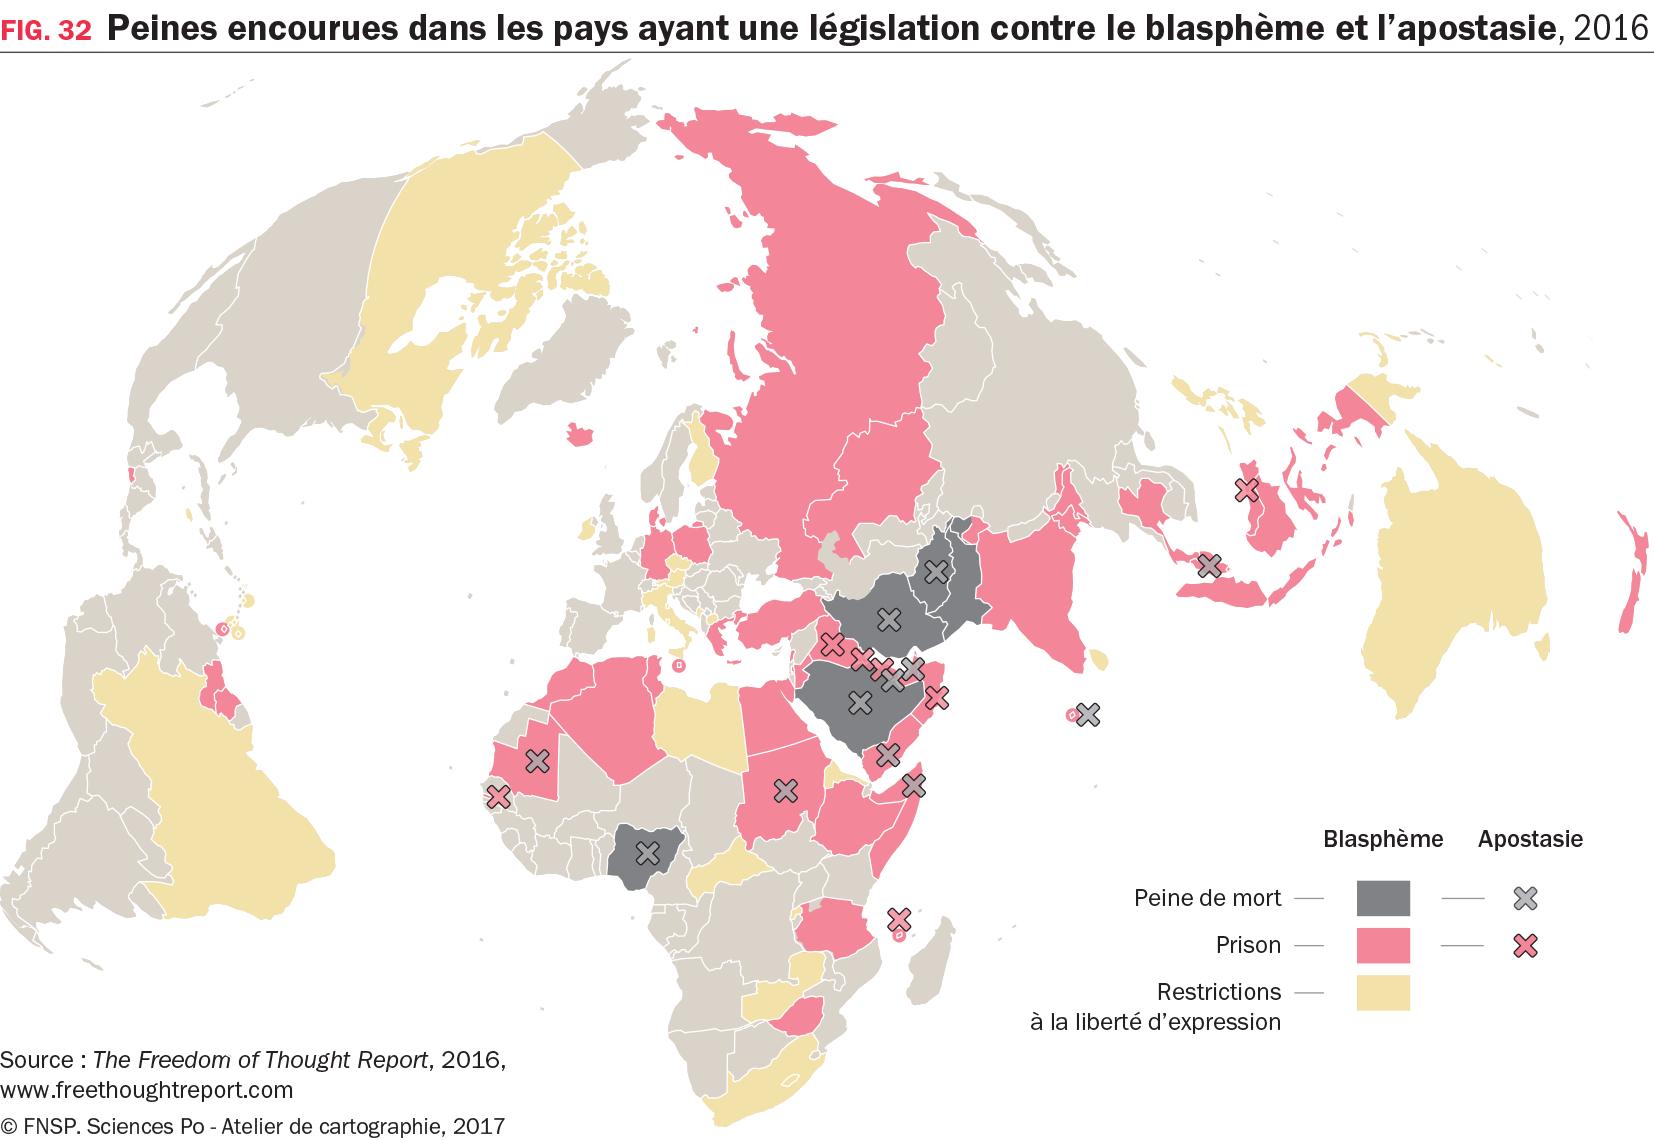 Carte : Peines encourues dans les pays ayant une législation contre le blasphème